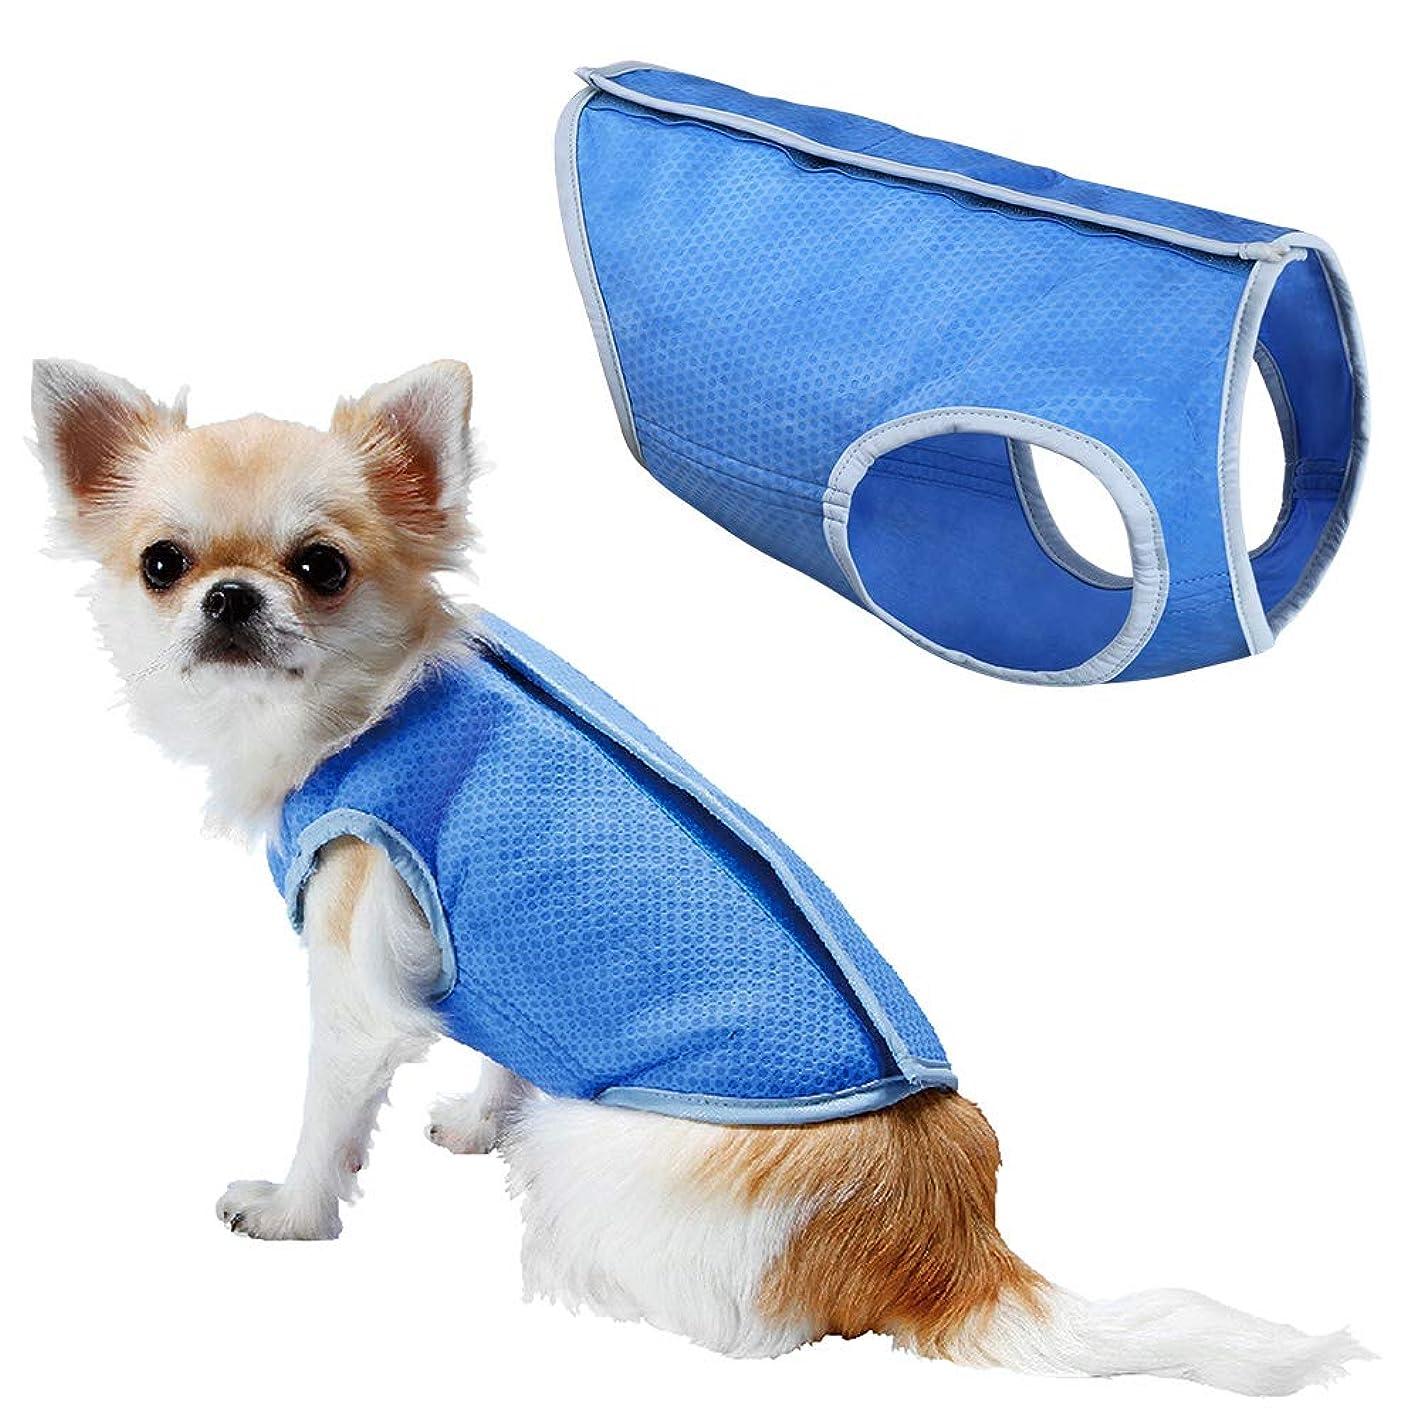 LotFancy Swamp Cooler Dog Cooling Vest Jacket Coat for Puppy Dog Cats Kittens Pets, Blue